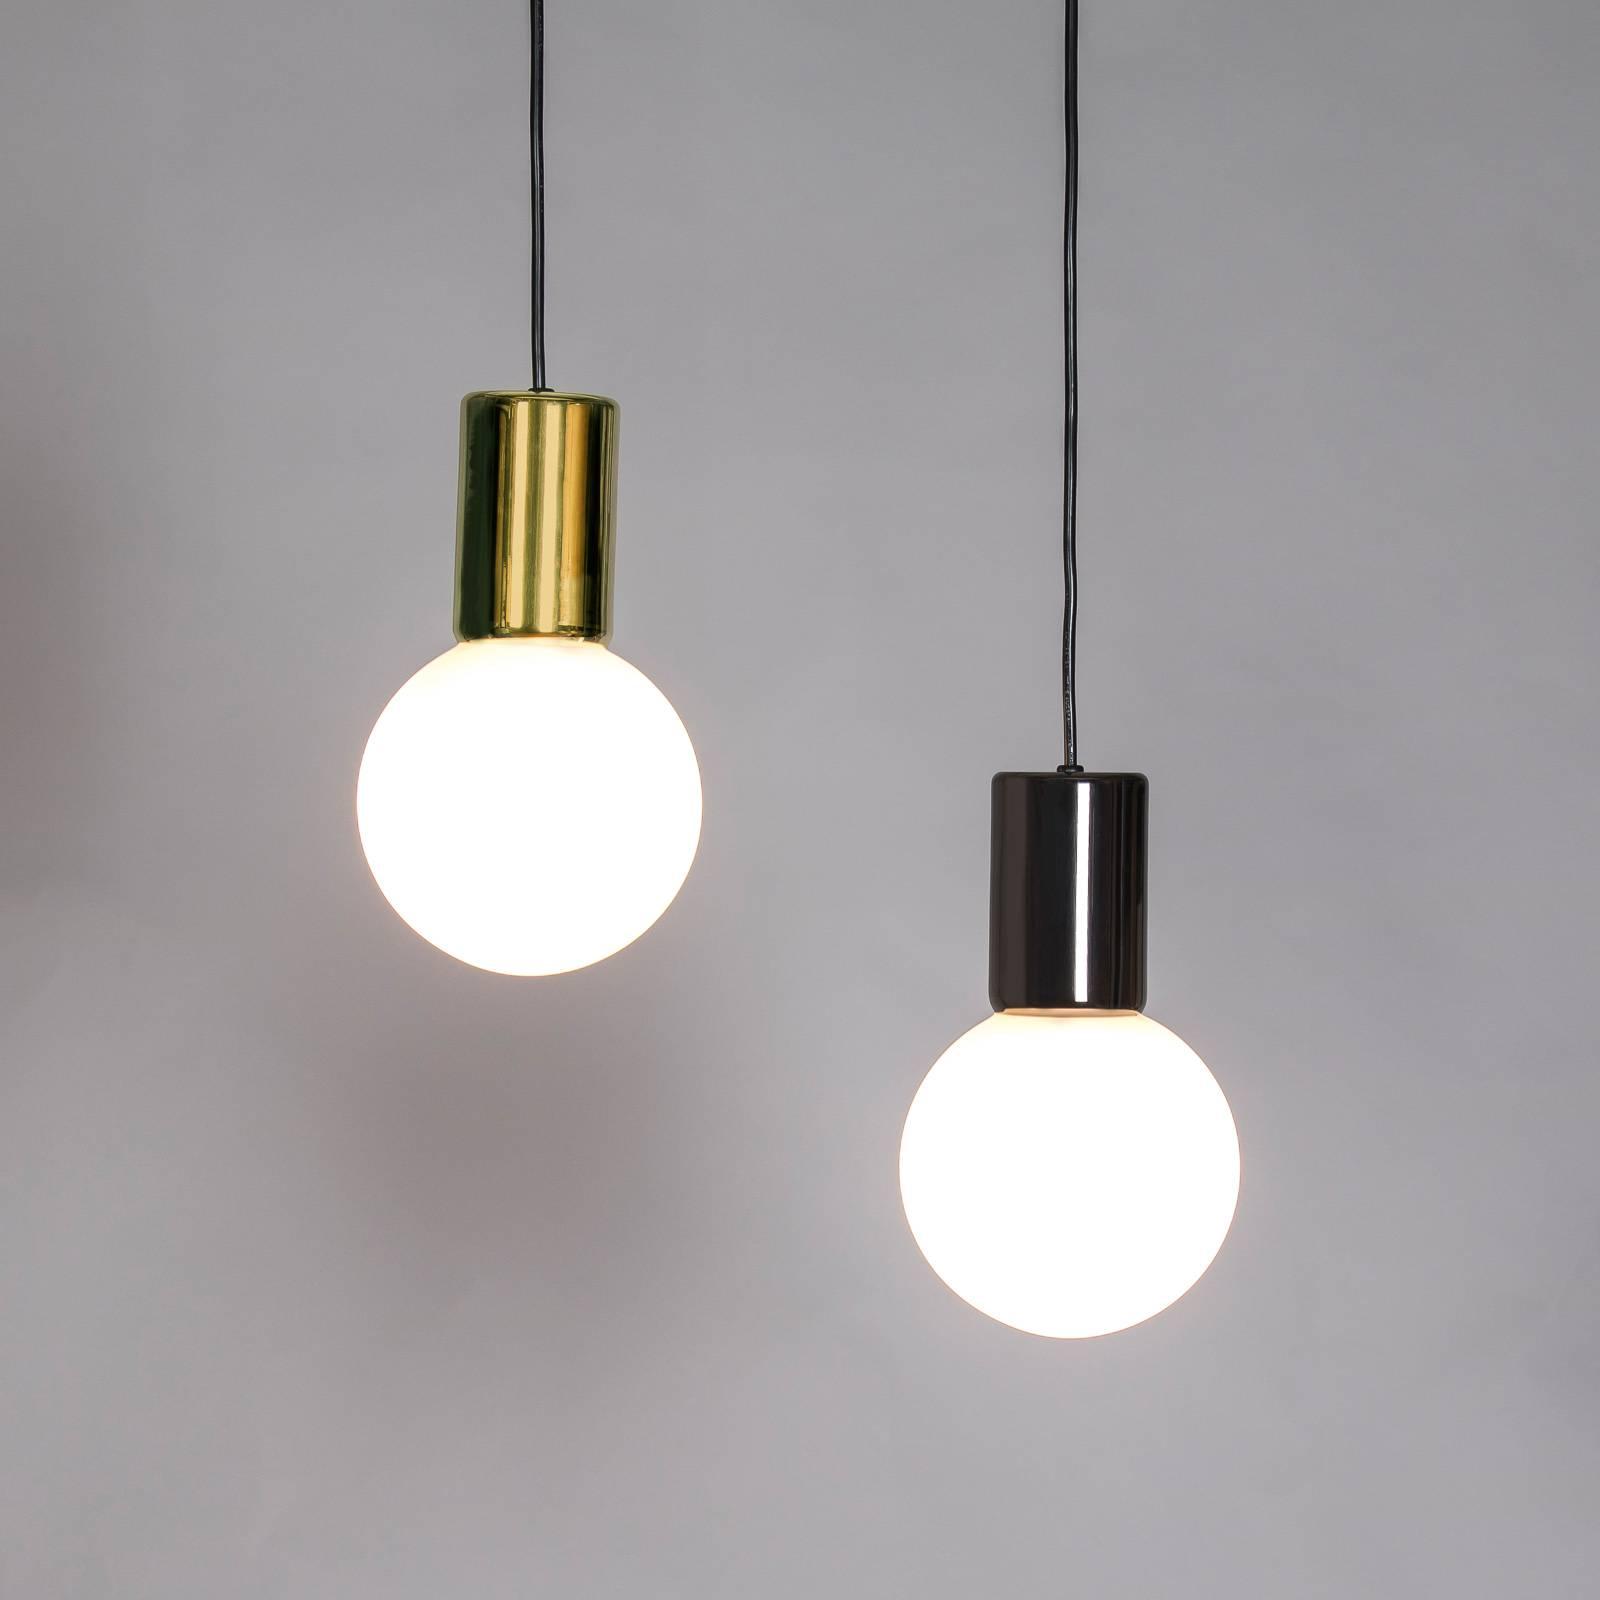 Innermost Purl lampa wisząca LED, mosiądz